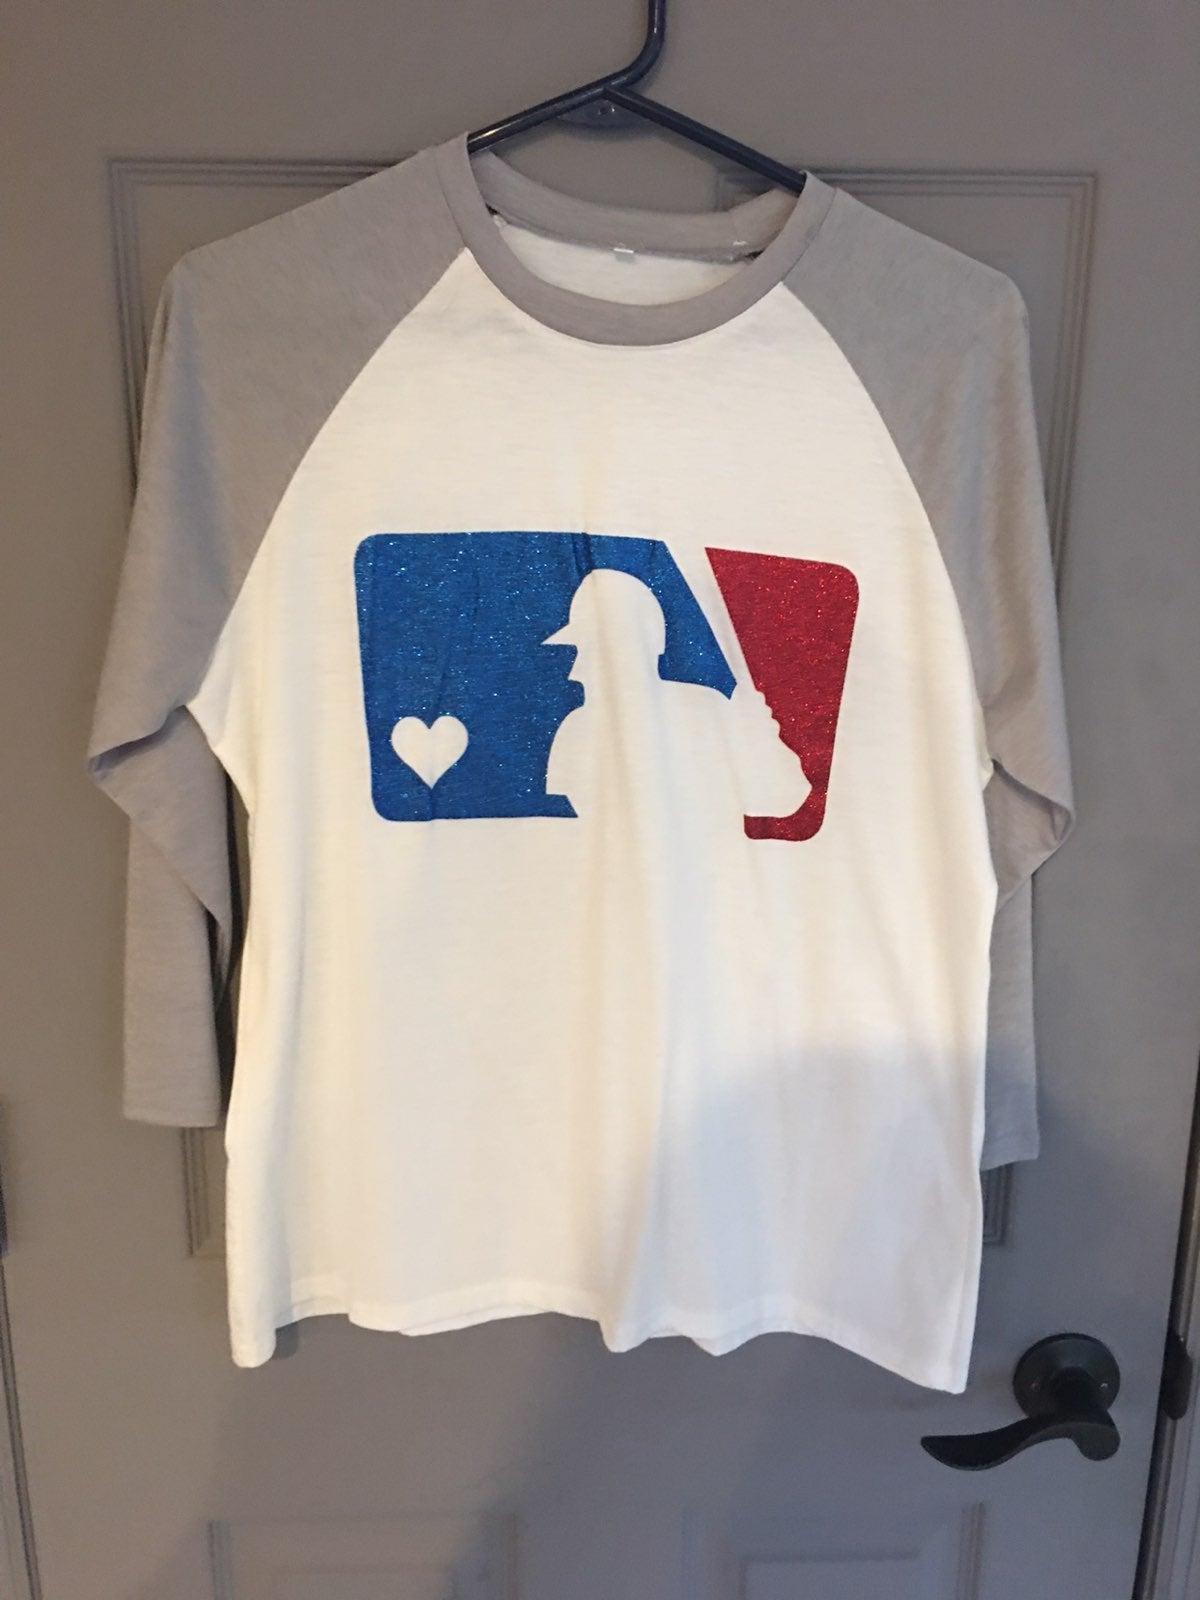 Mlb custom made shirt